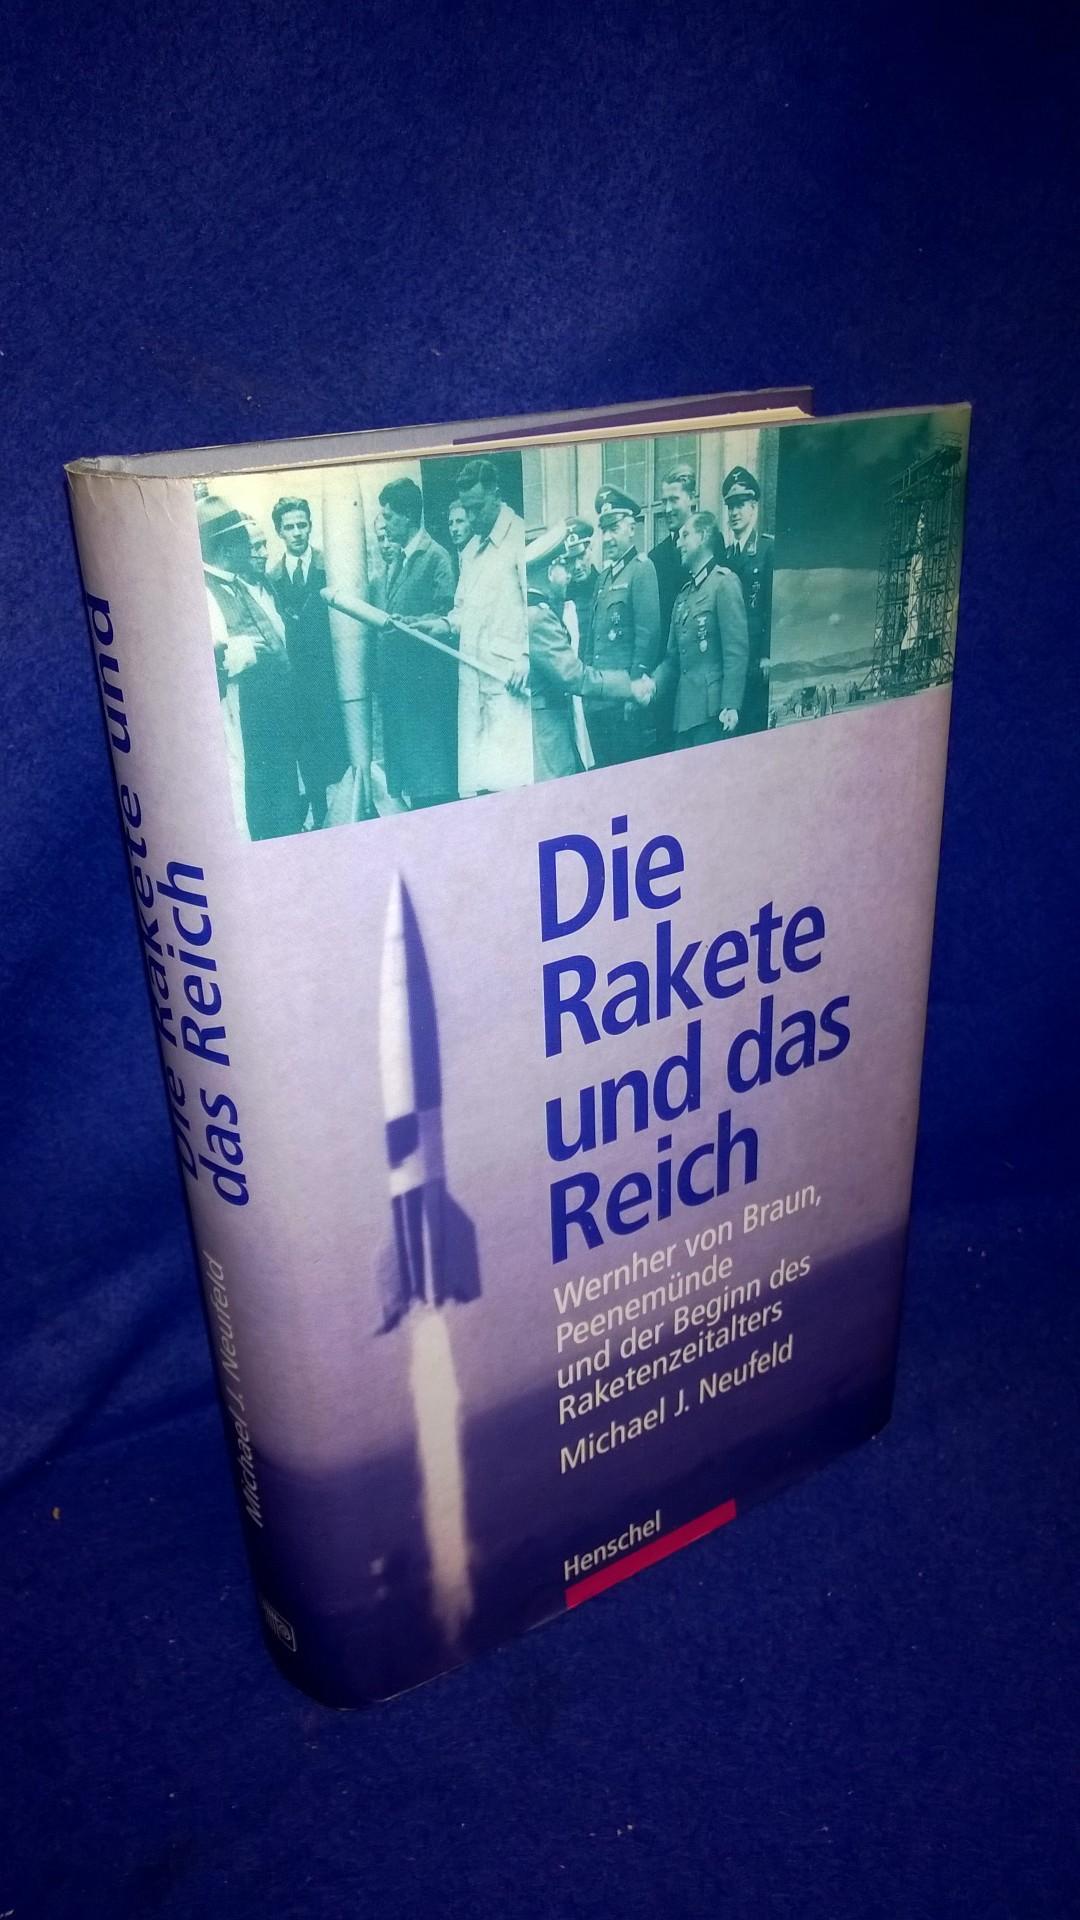 Die Rakete und das Reich. Wernher von Braun, Peenemünde und der Beginn des Raketenzeitalters.